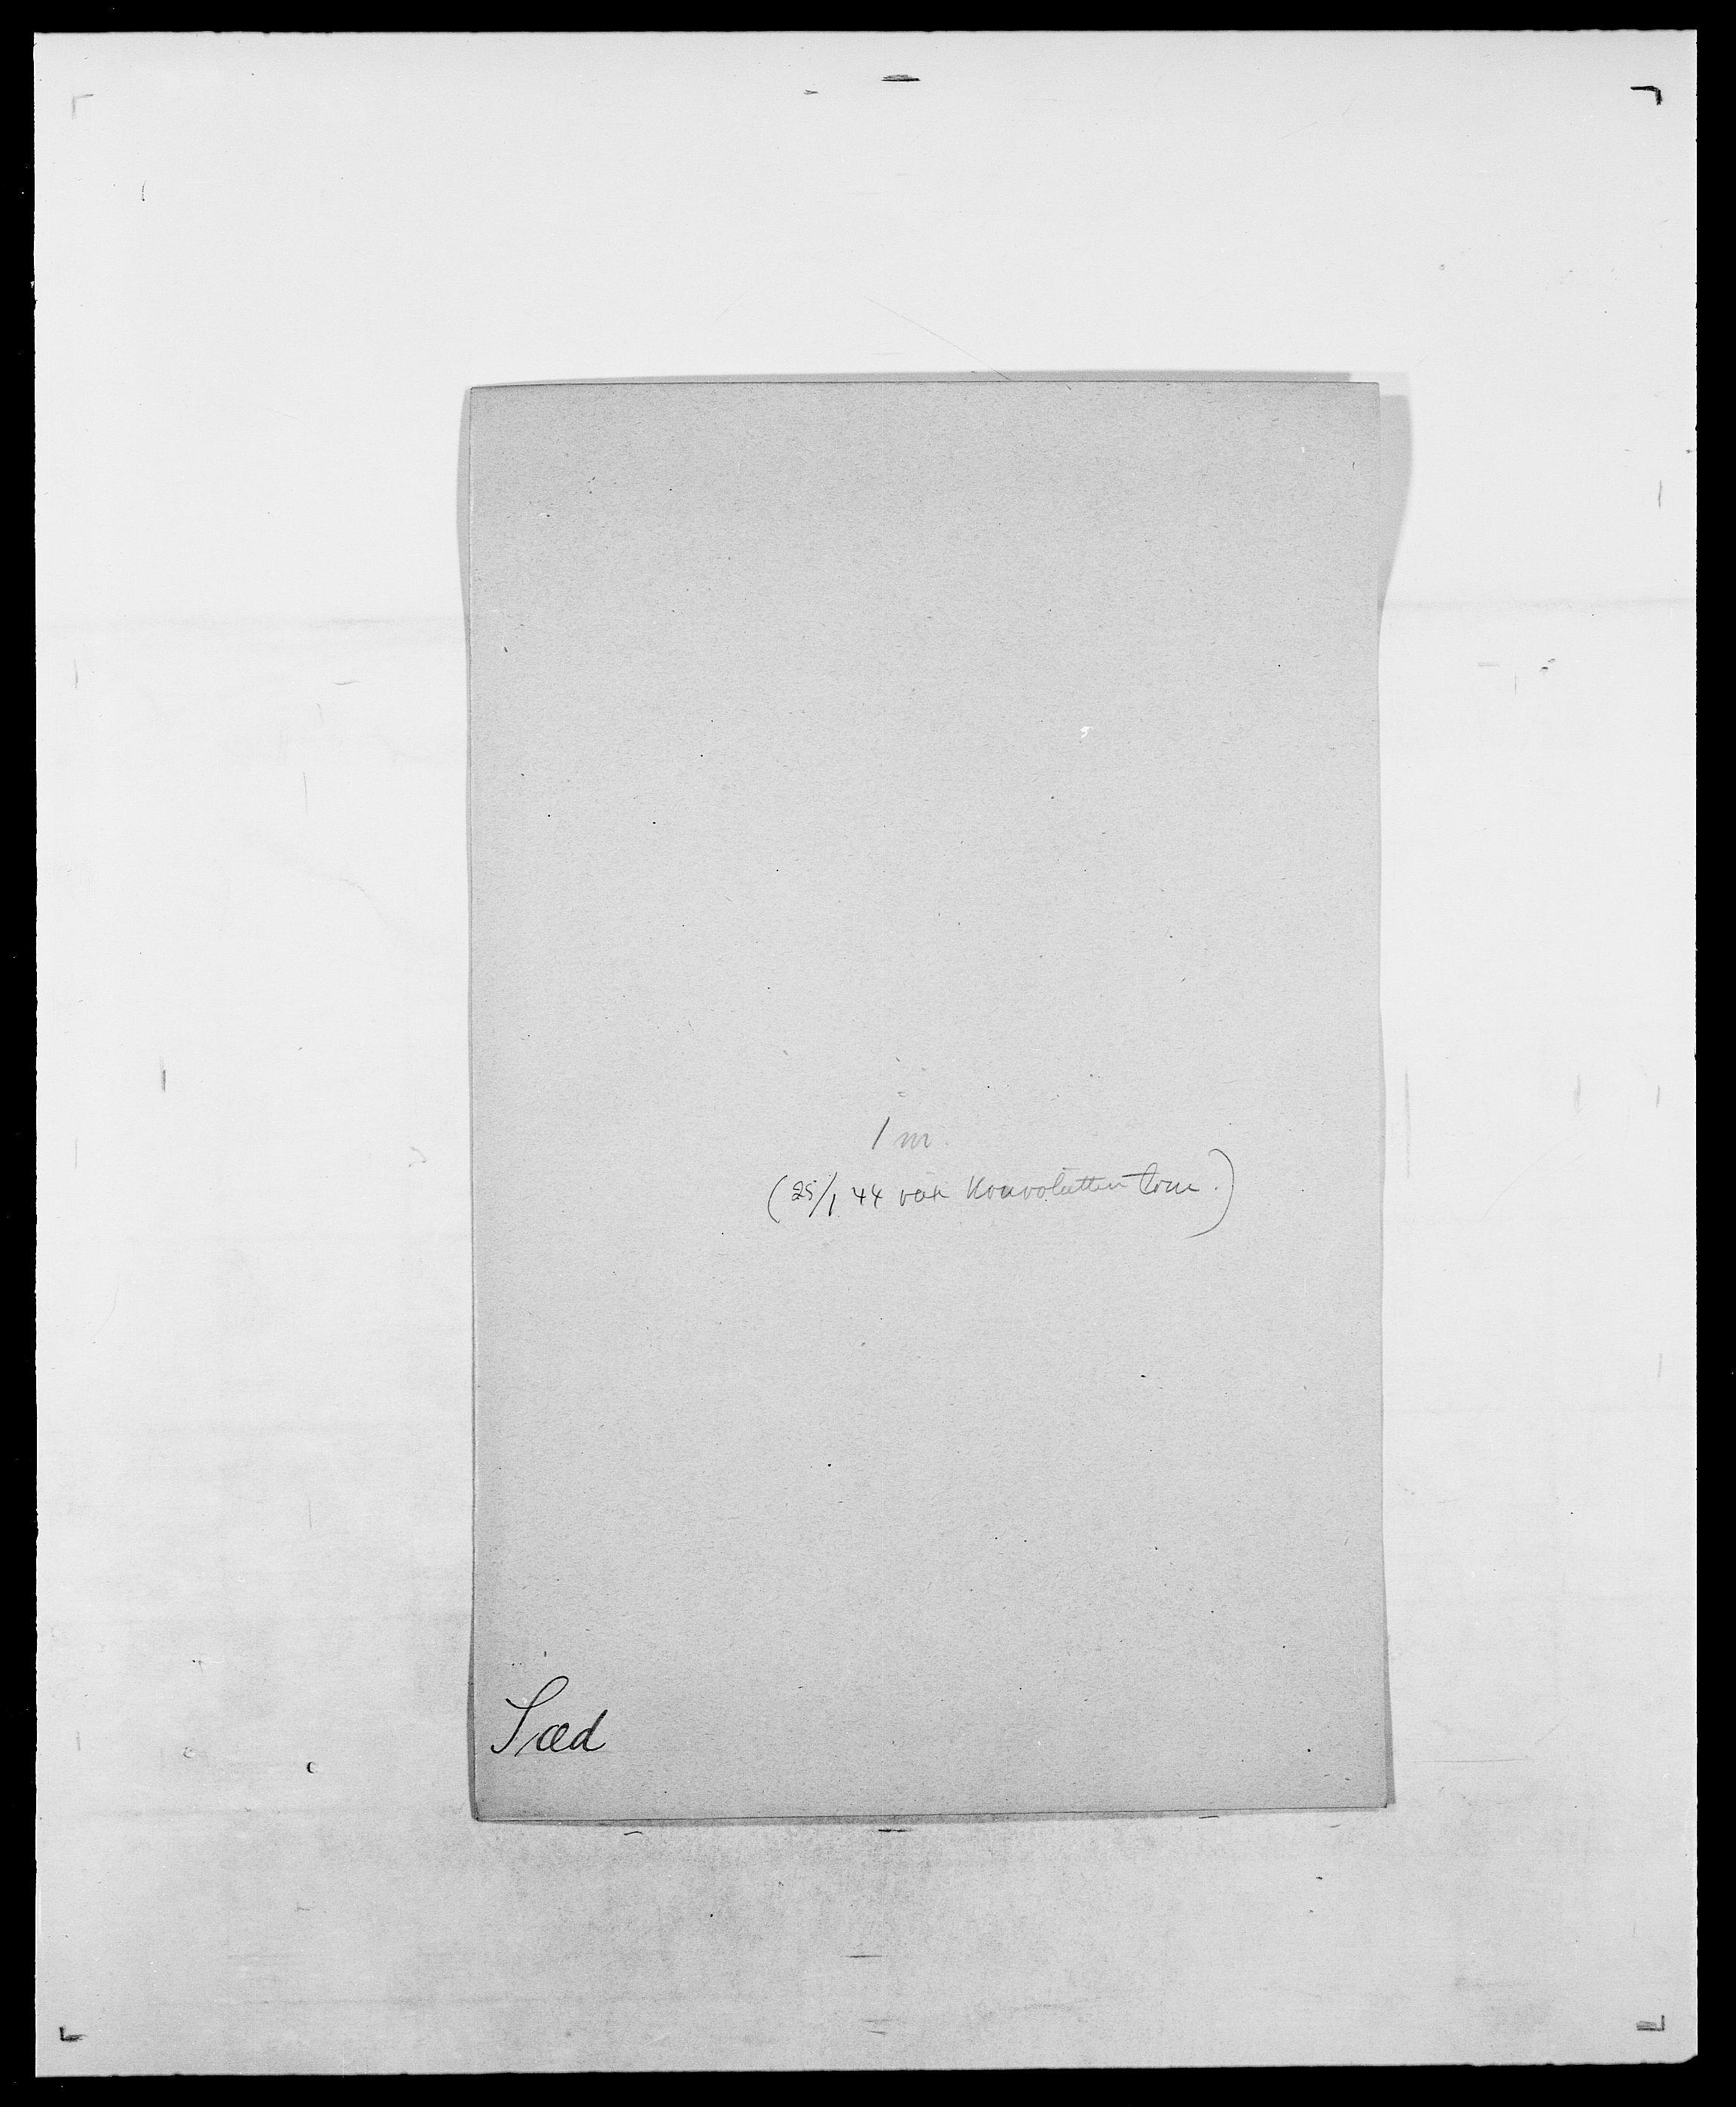 SAO, Delgobe, Charles Antoine - samling, D/Da/L0038: Svanenskjold - Thornsohn, s. 129